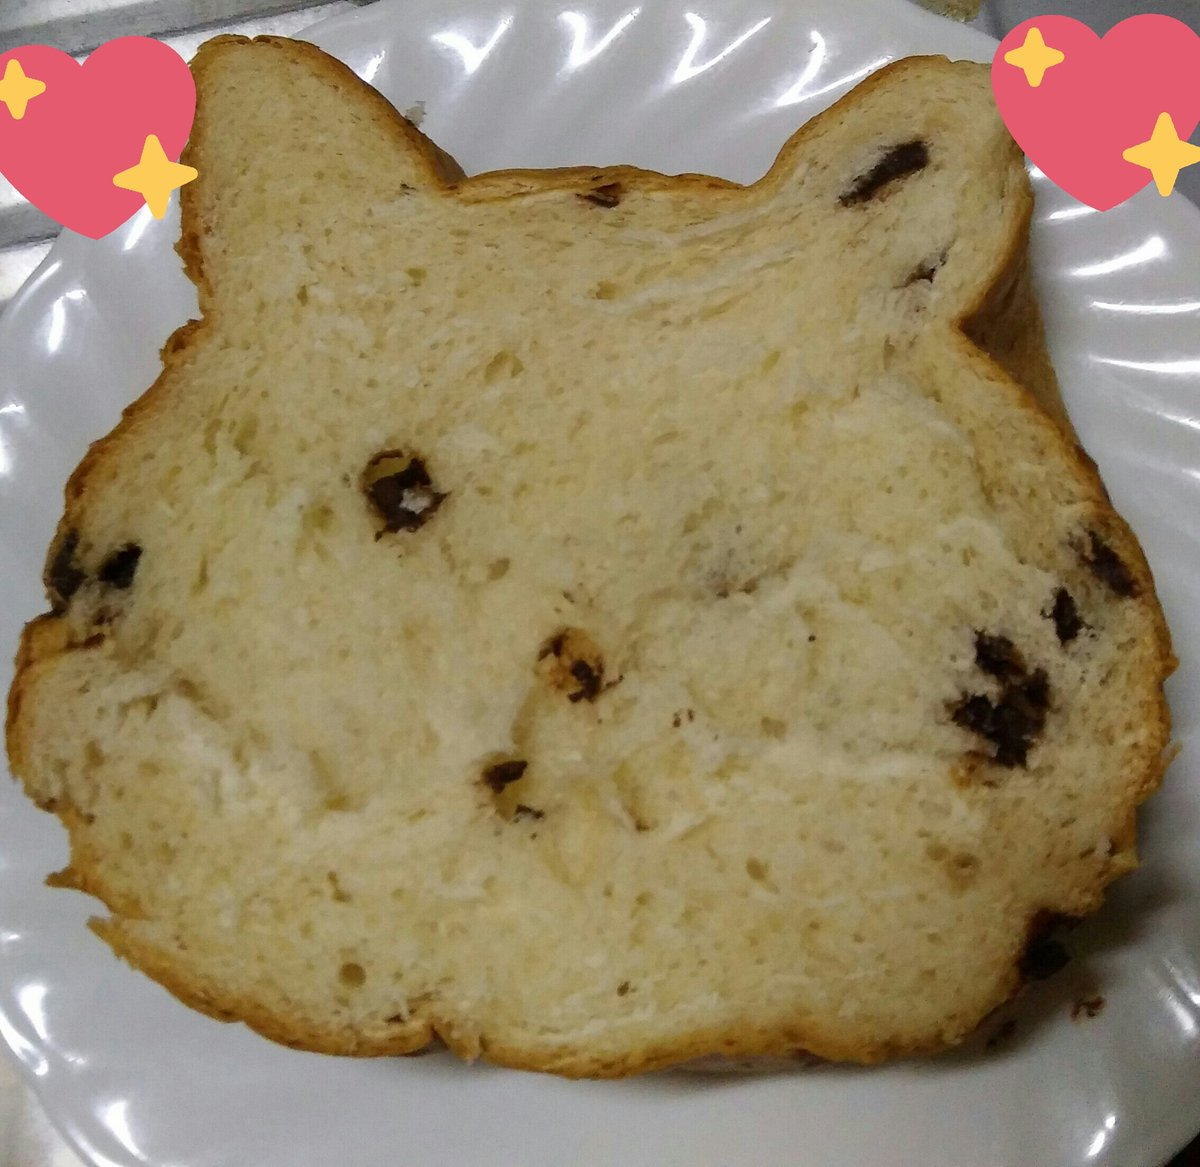 先日ねこねこ食パン(チョコ)いただきました♪ そのままと焼いたの食べたけど両方美味しかった(*´ω`*) https://t.co/F7HuHzZaqy